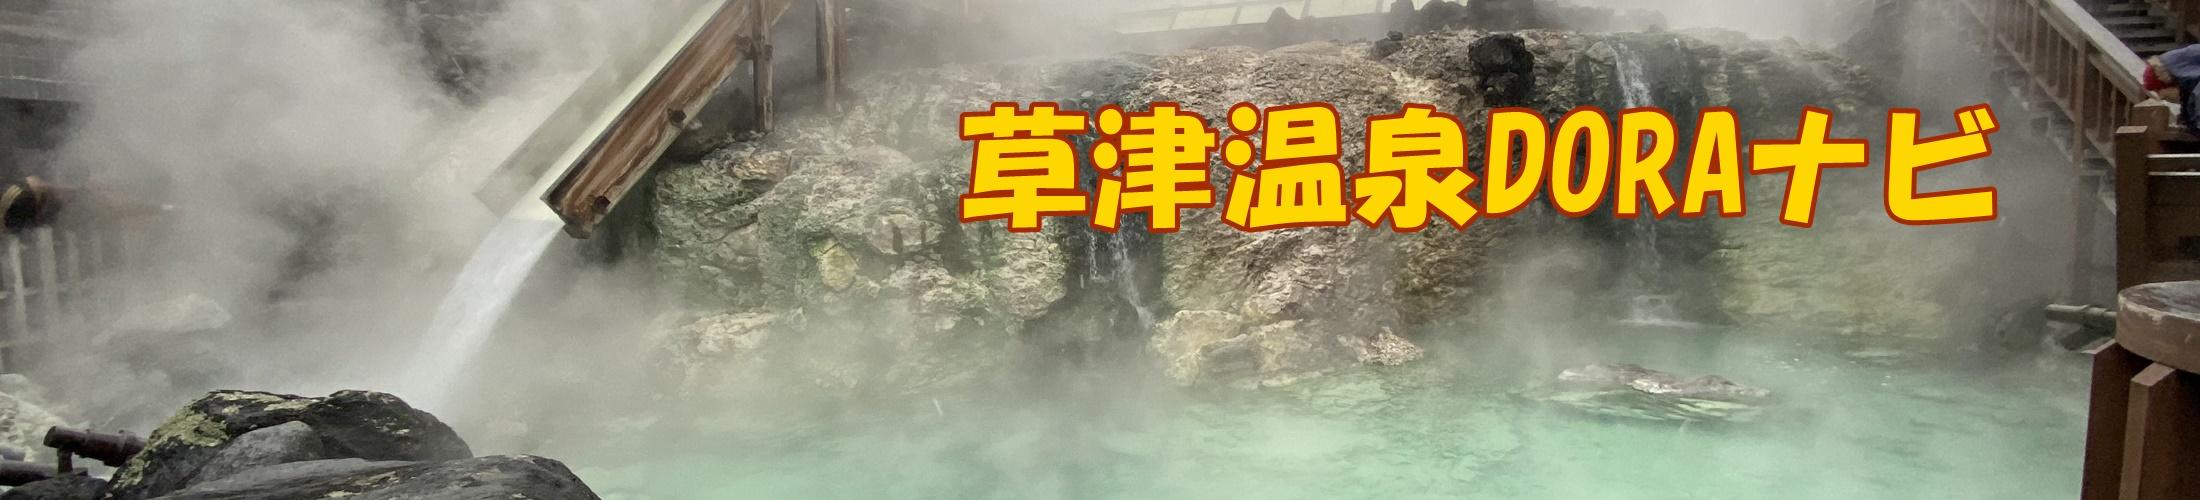 草津温泉DORAナビ